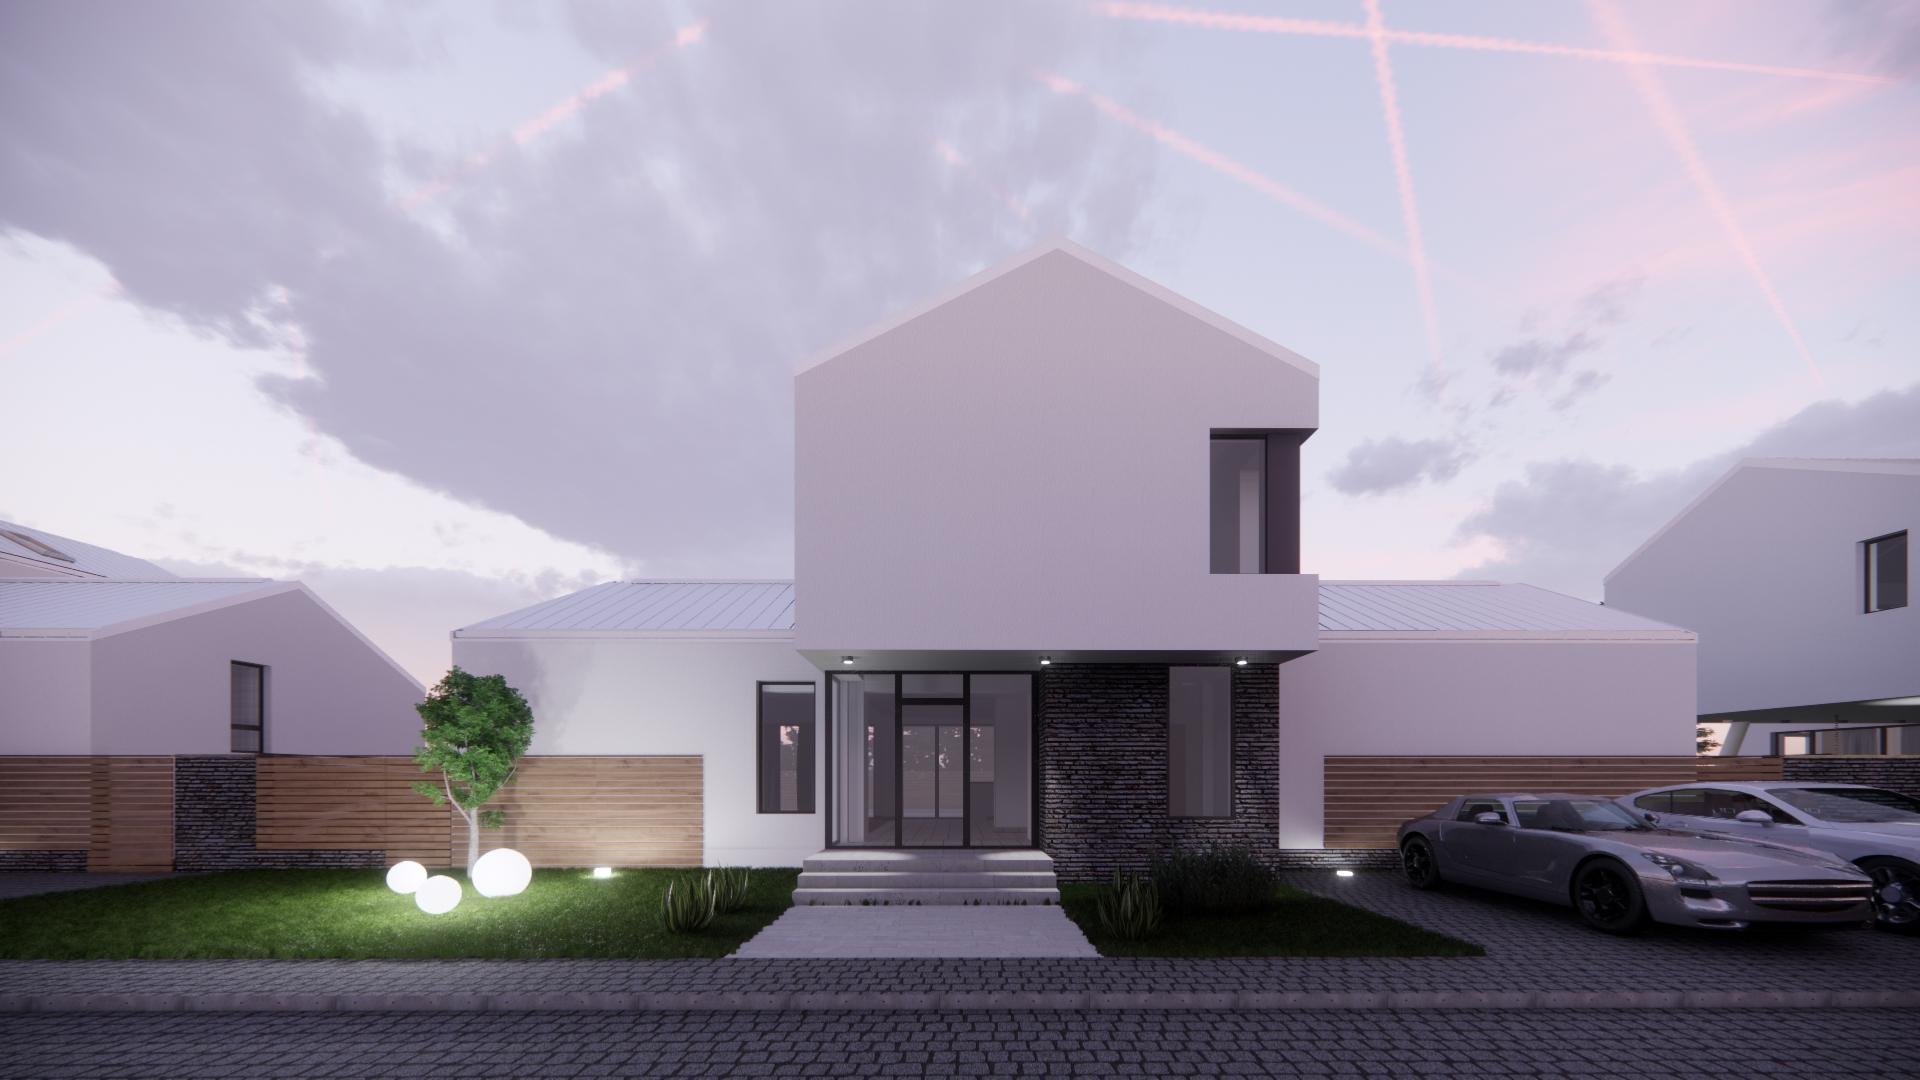 https://nbc-arhitect.ro/wp-content/uploads/2021/02/Balta-Alba-Corbeanca-2.jpg